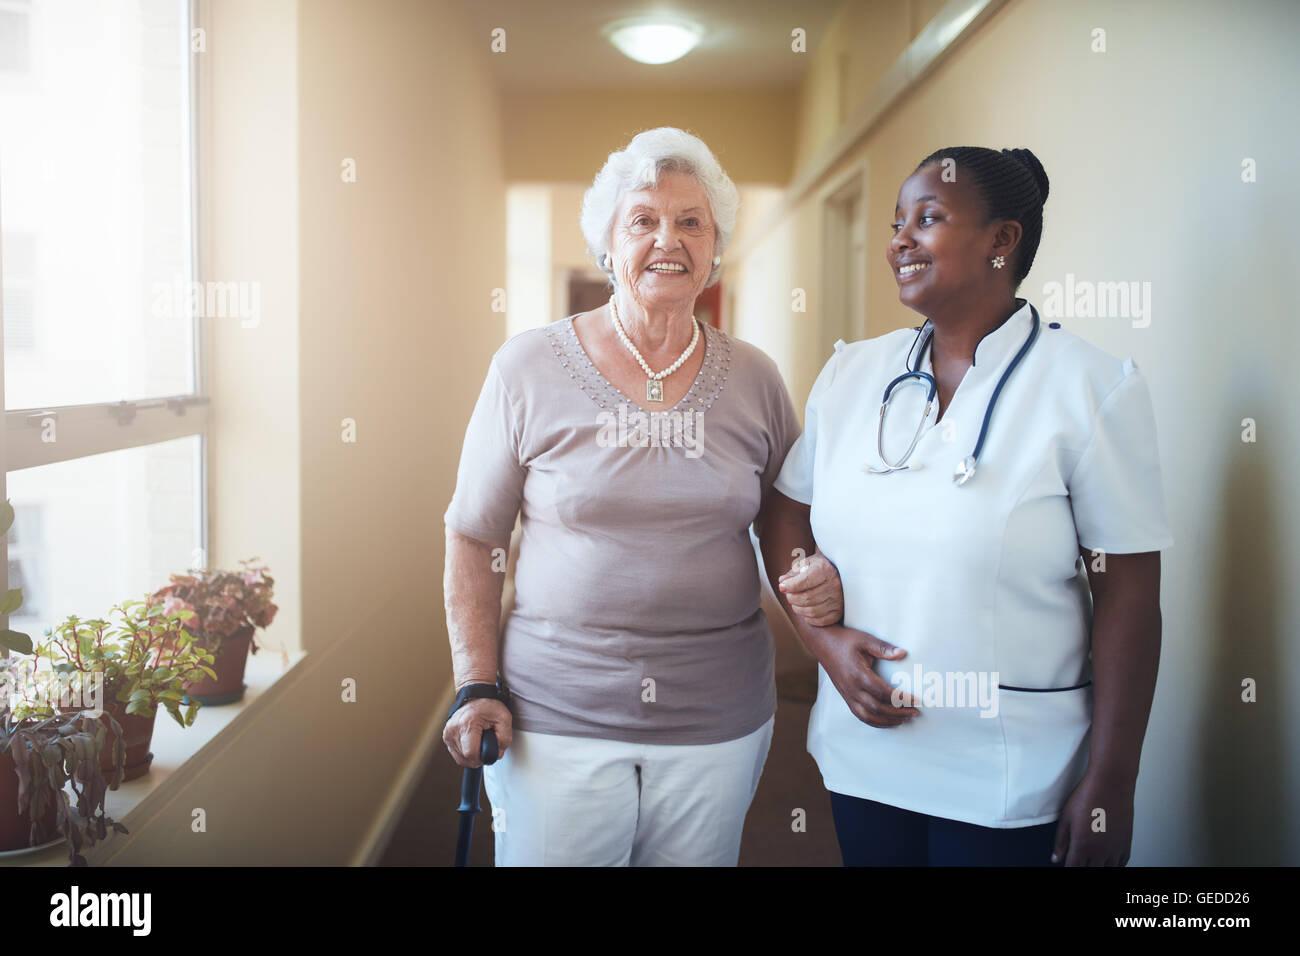 Glückliche Mitarbeiter und senior Frau zusammen im Pflegeheim. Fürsorgliche Ärztin Unterstützung Stockbild